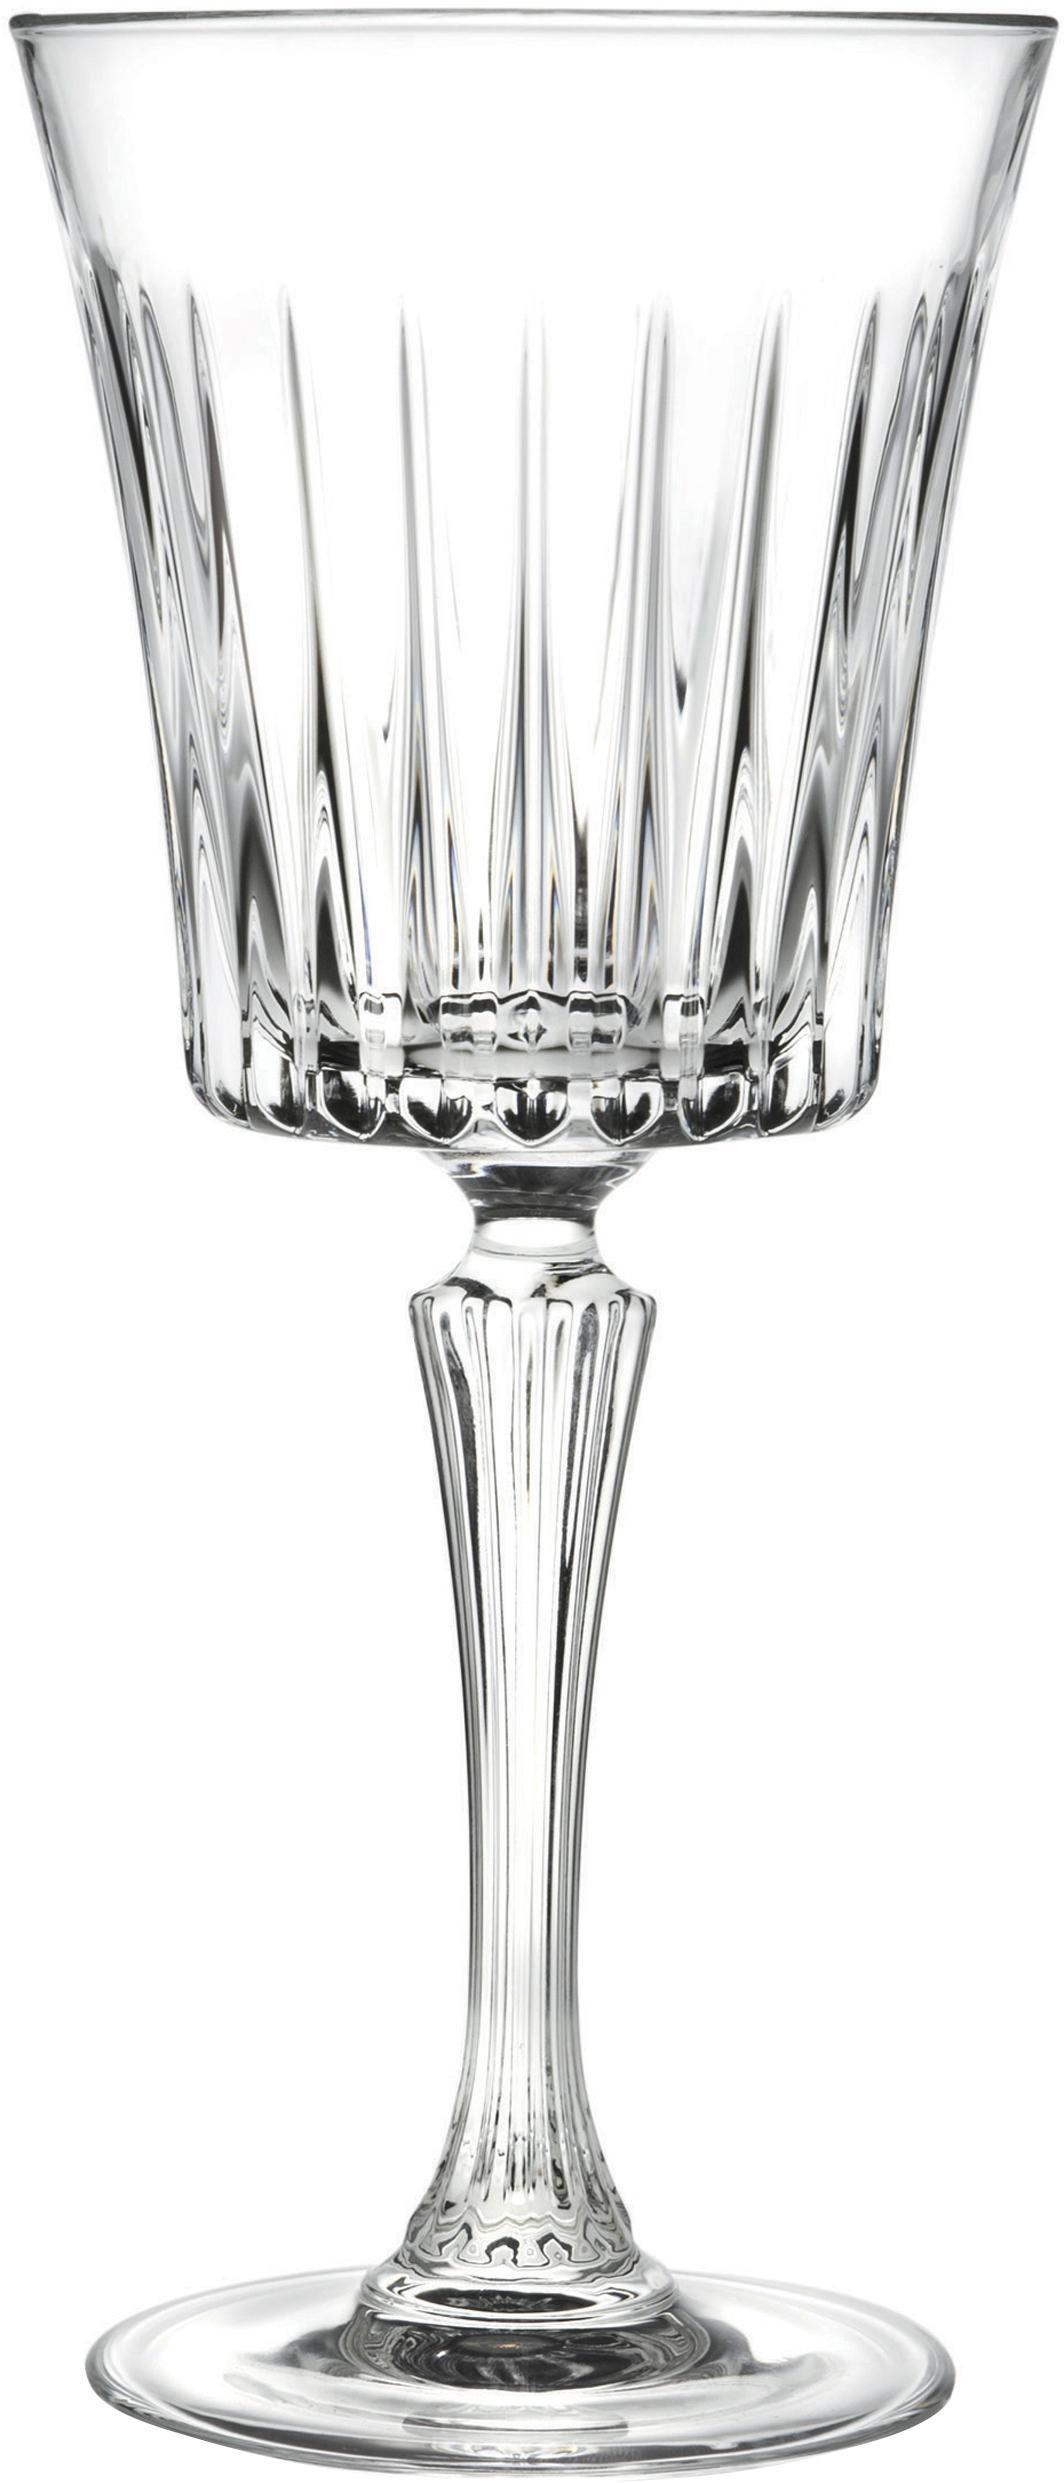 Bicchiere da vino rosso in cristallo  Timeless 6 pz, Vetro di cristallo, Trasparente, Ø 9 x Alt. 21 cm